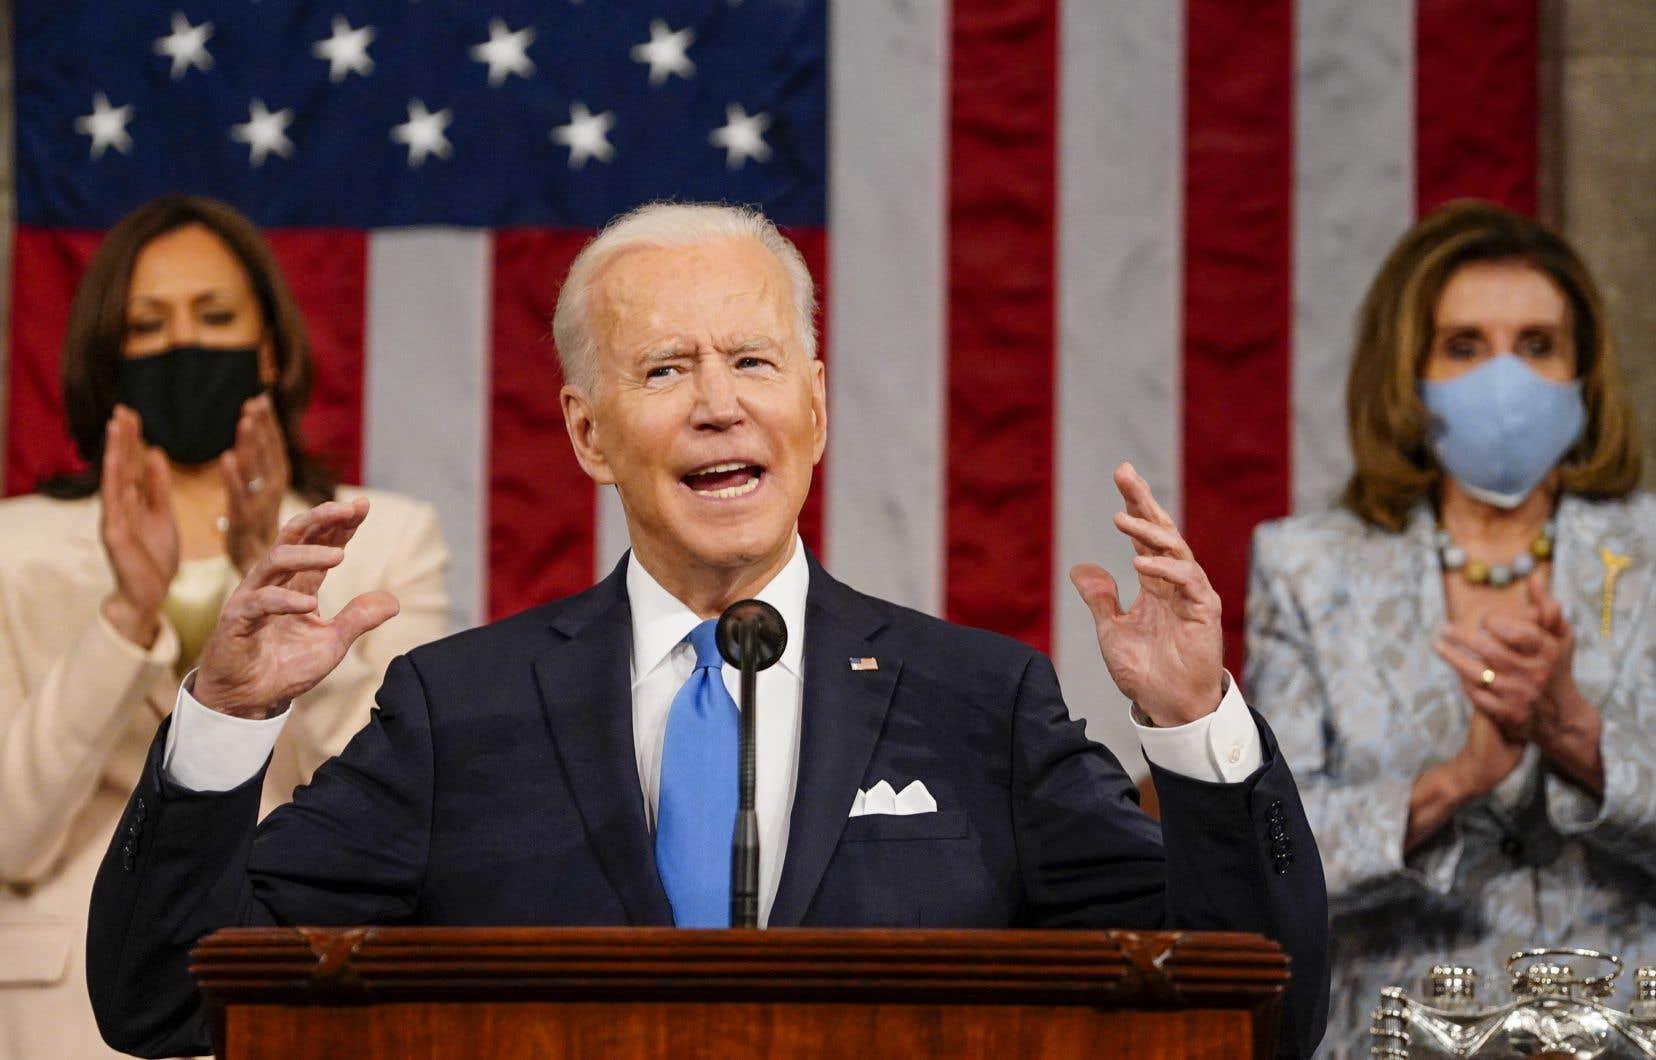 «Joe Biden n'a pas formé un gouvernement d'union nationale. Il n'a proposé aucun poste à des personnalités politiques hors du Parti démocrate. Il n'a sollicité aucun des républicains modérés susceptibles de contribuer à l'unité nationale», écrit l'autrice.